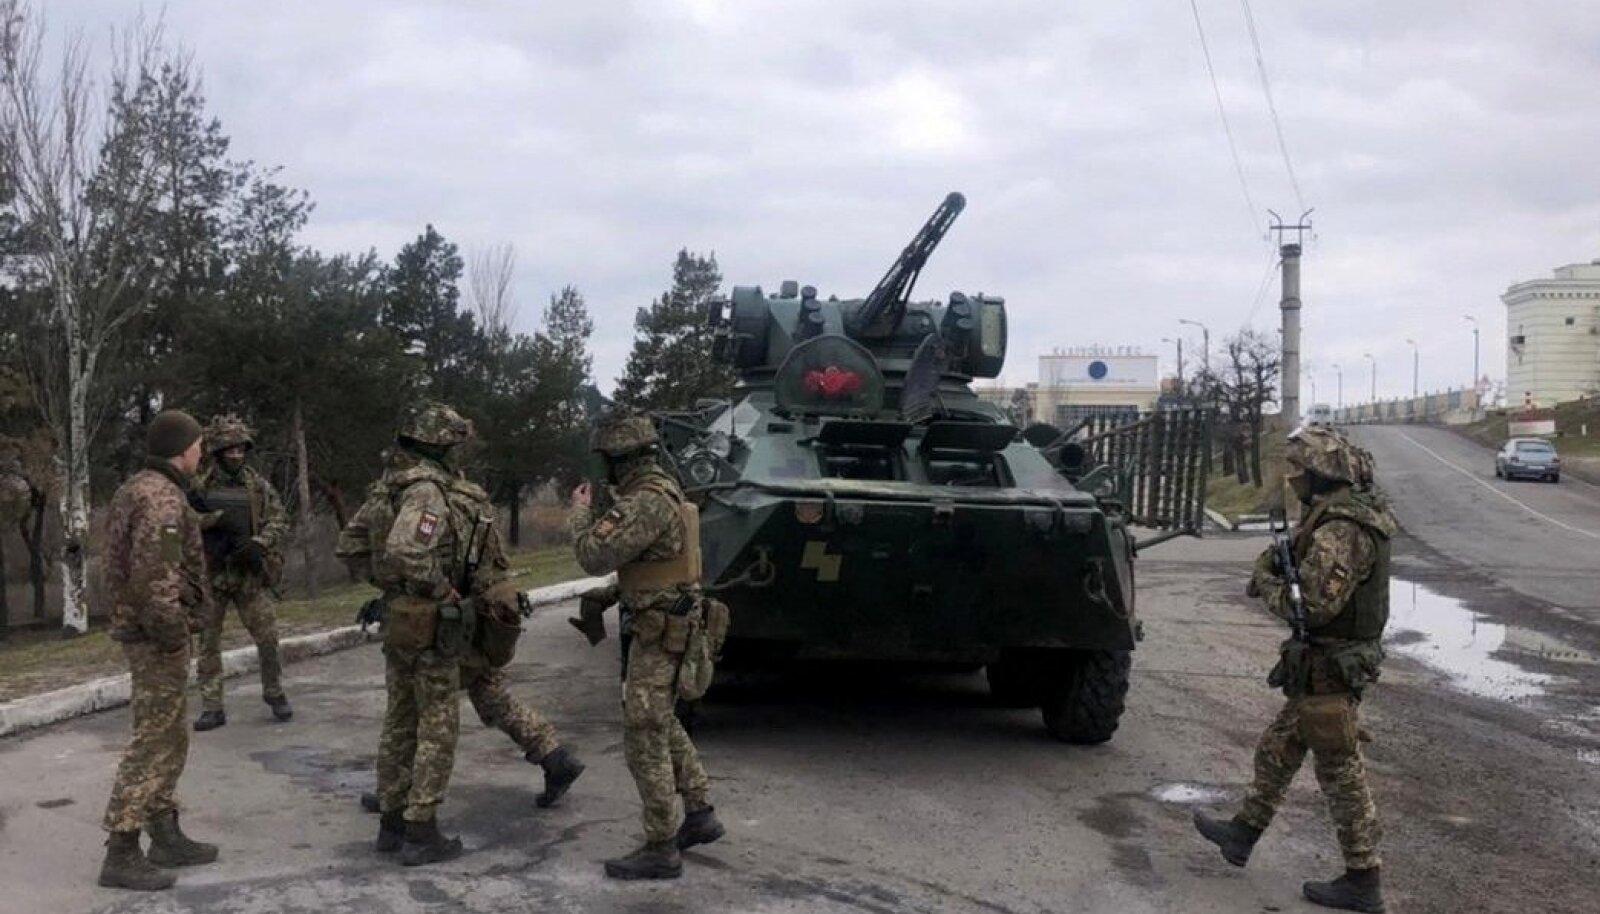 Lahinguist väsinud Ukraina sõdurid kahtlevad selles, et USA Moskva-vastased sanktsioonid ja Kiievi palve saada NATO-lt abi panevad Vladimir Putini meelt muutma. Silmitsi Vene väeüksuste piiri taha koondamisega, on president Volodõmõr Zelenskõi soovinud läänelt käegakatsutavamat abi. Paljud Ukraina sõjaväelased tõdevad, et nad on jäetud omapäi.